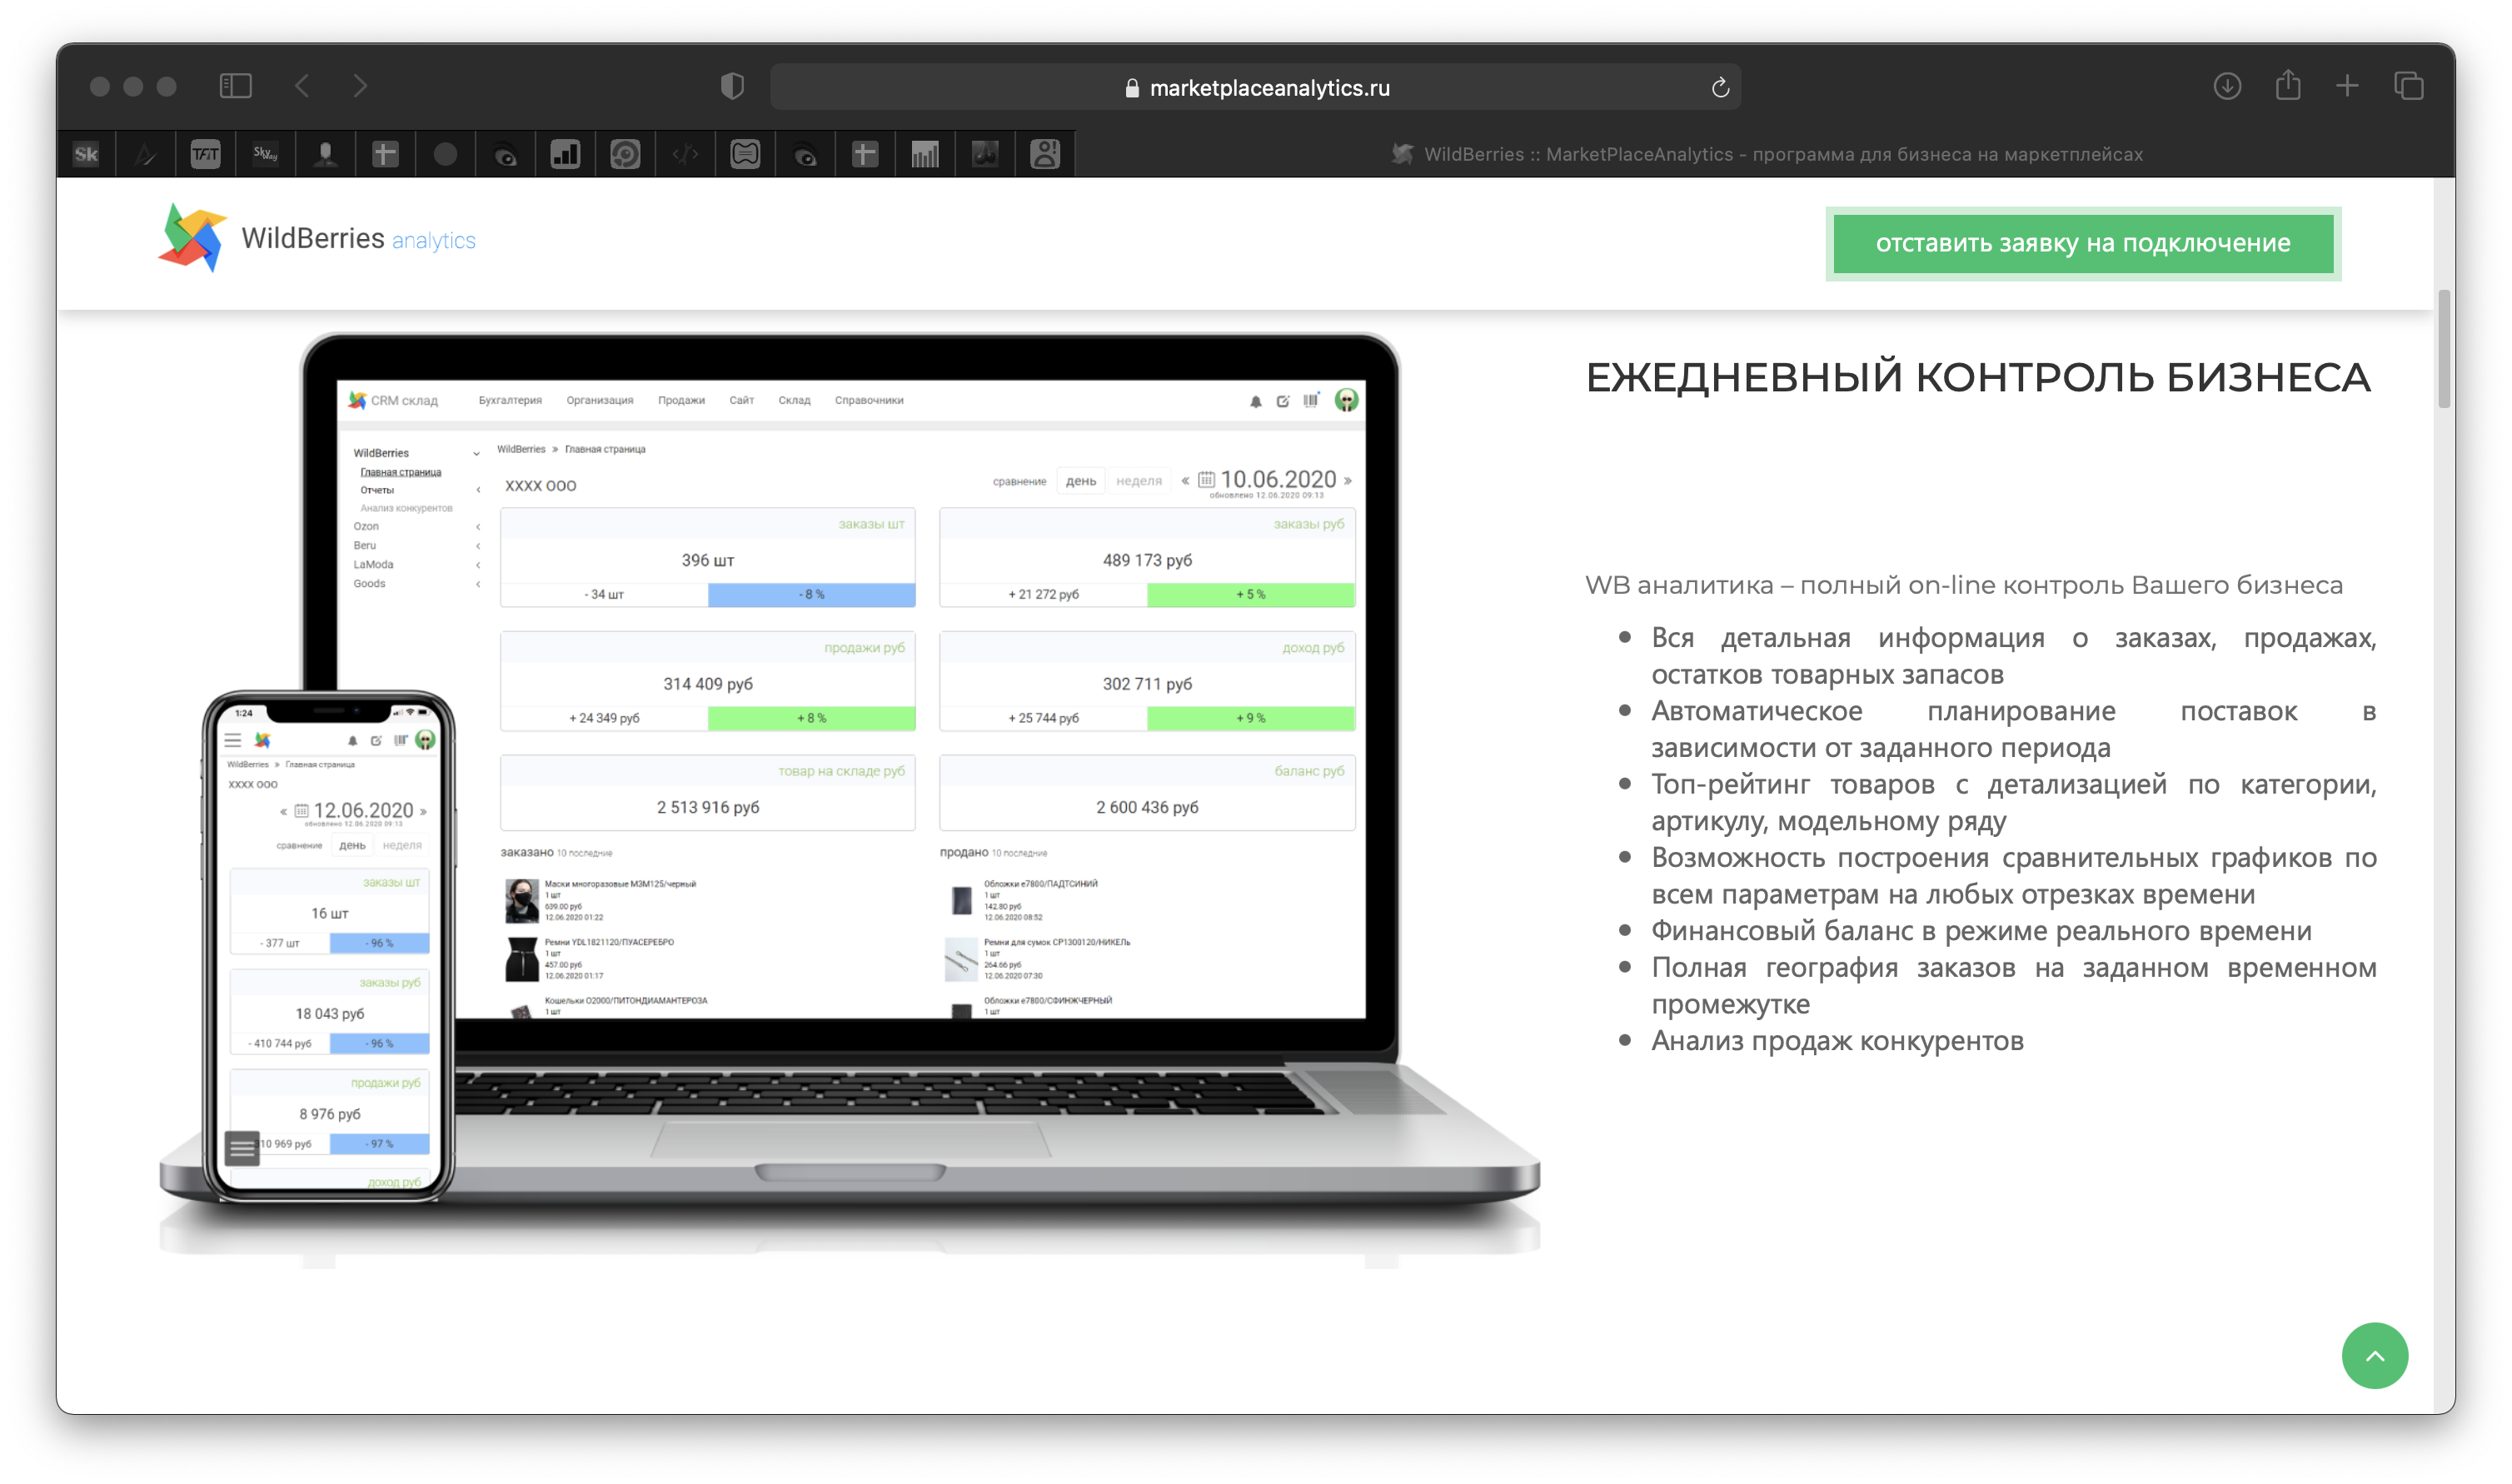 WB аналитика или полный онлайн контроль вашего бизнеса